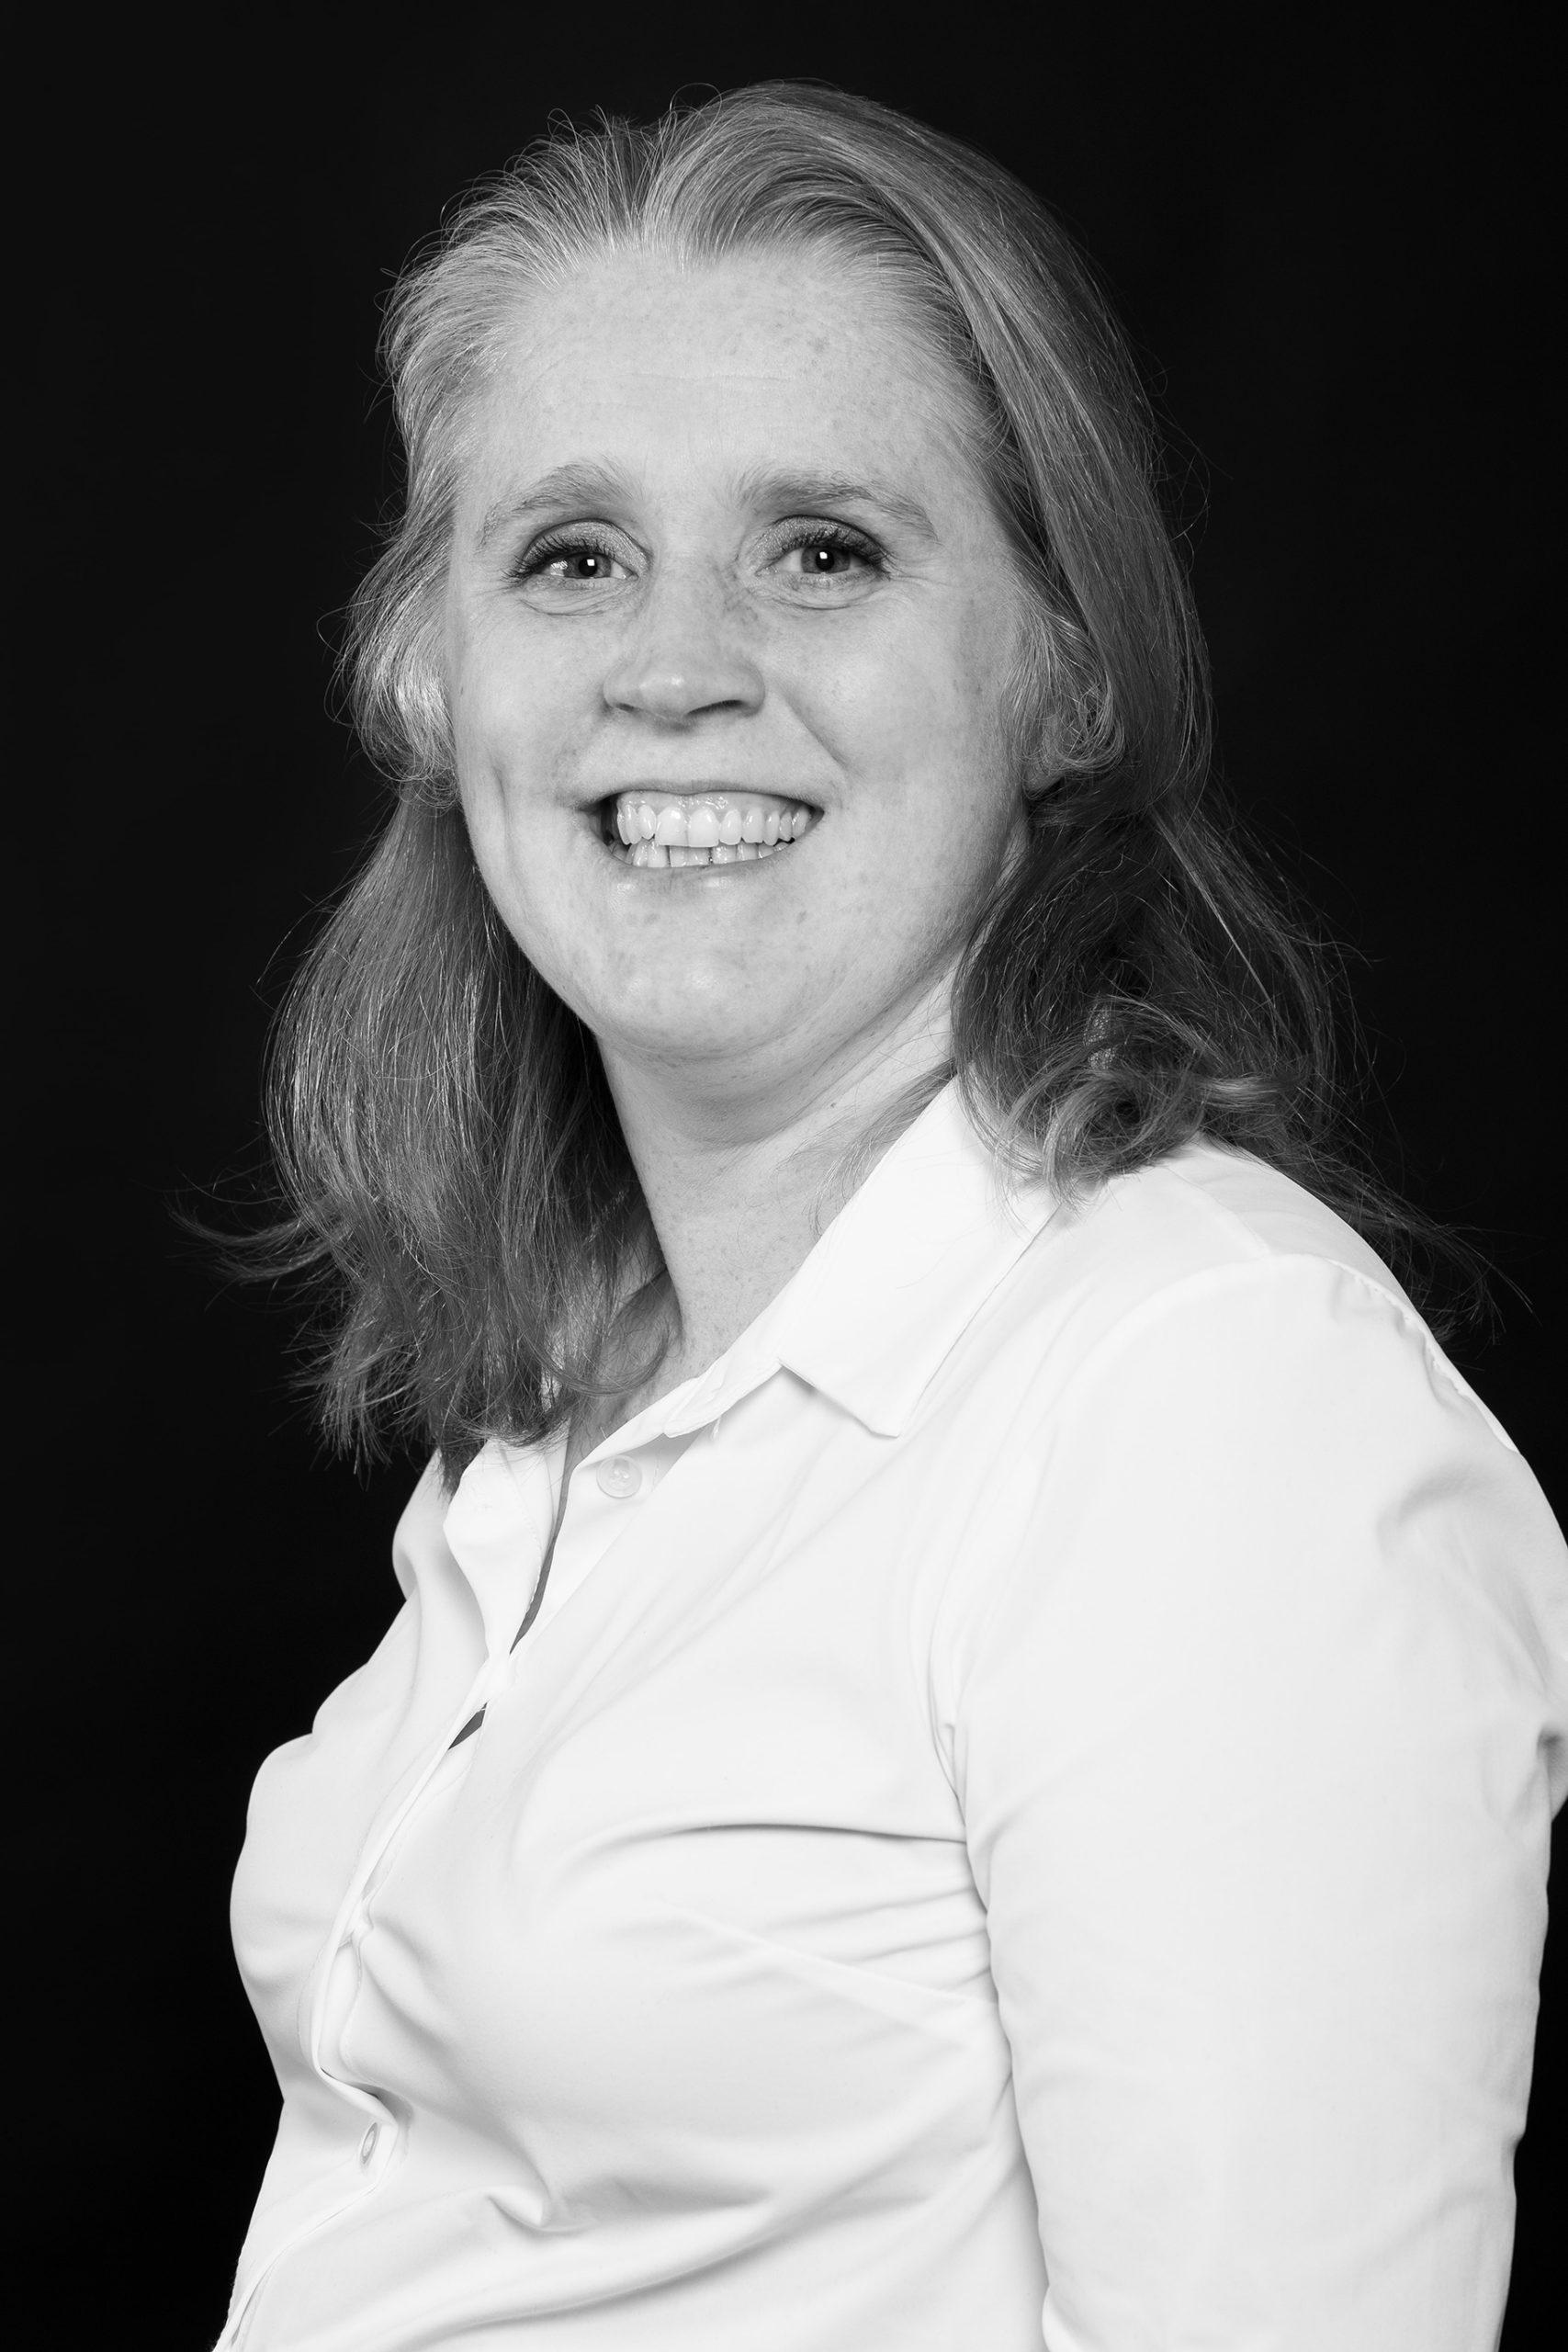 Silvia Daemen